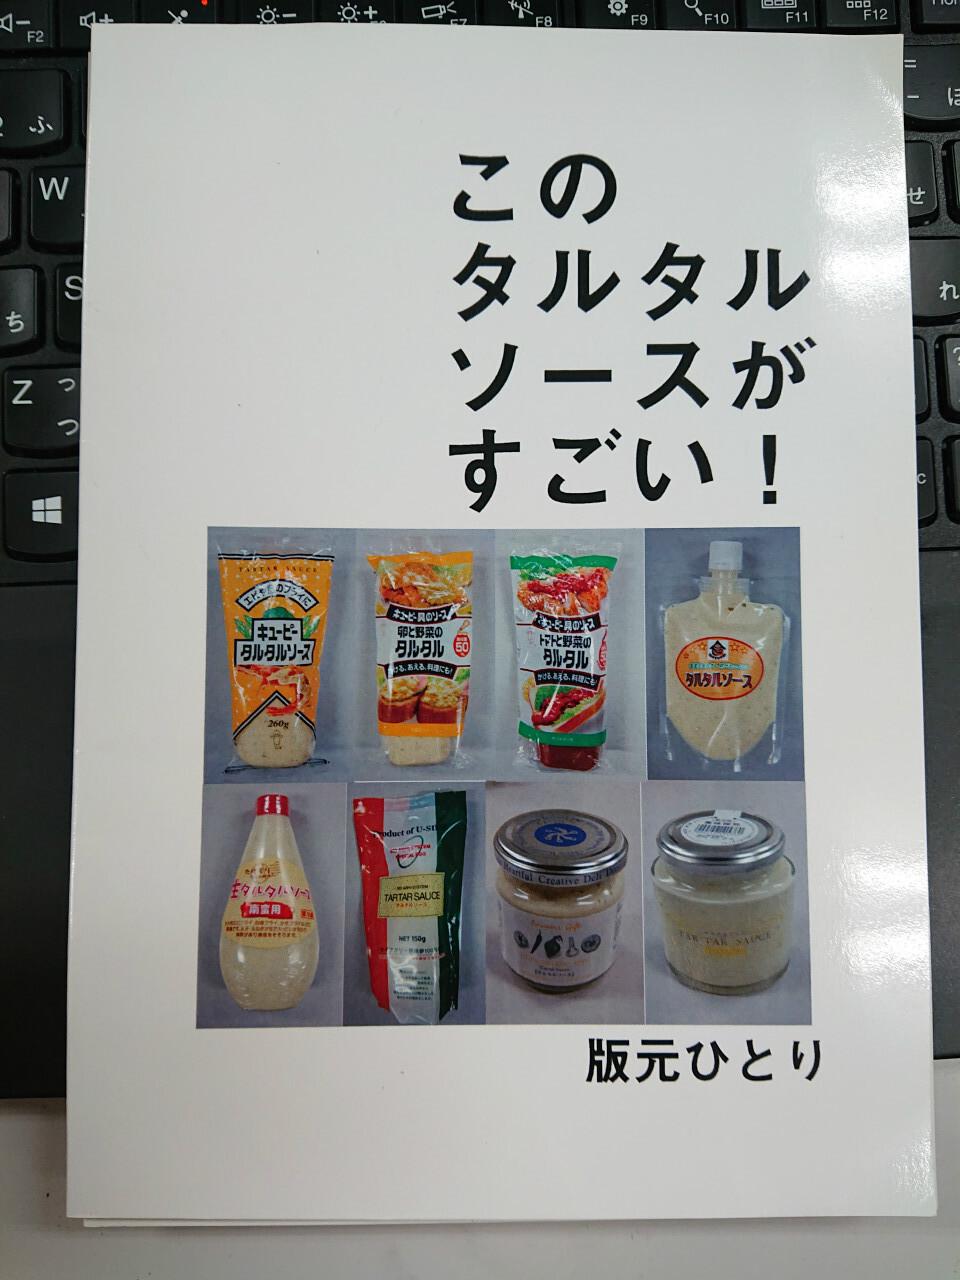 在庫復活!【いにしえの在庫】このタルタルソースがすごい!(初代)